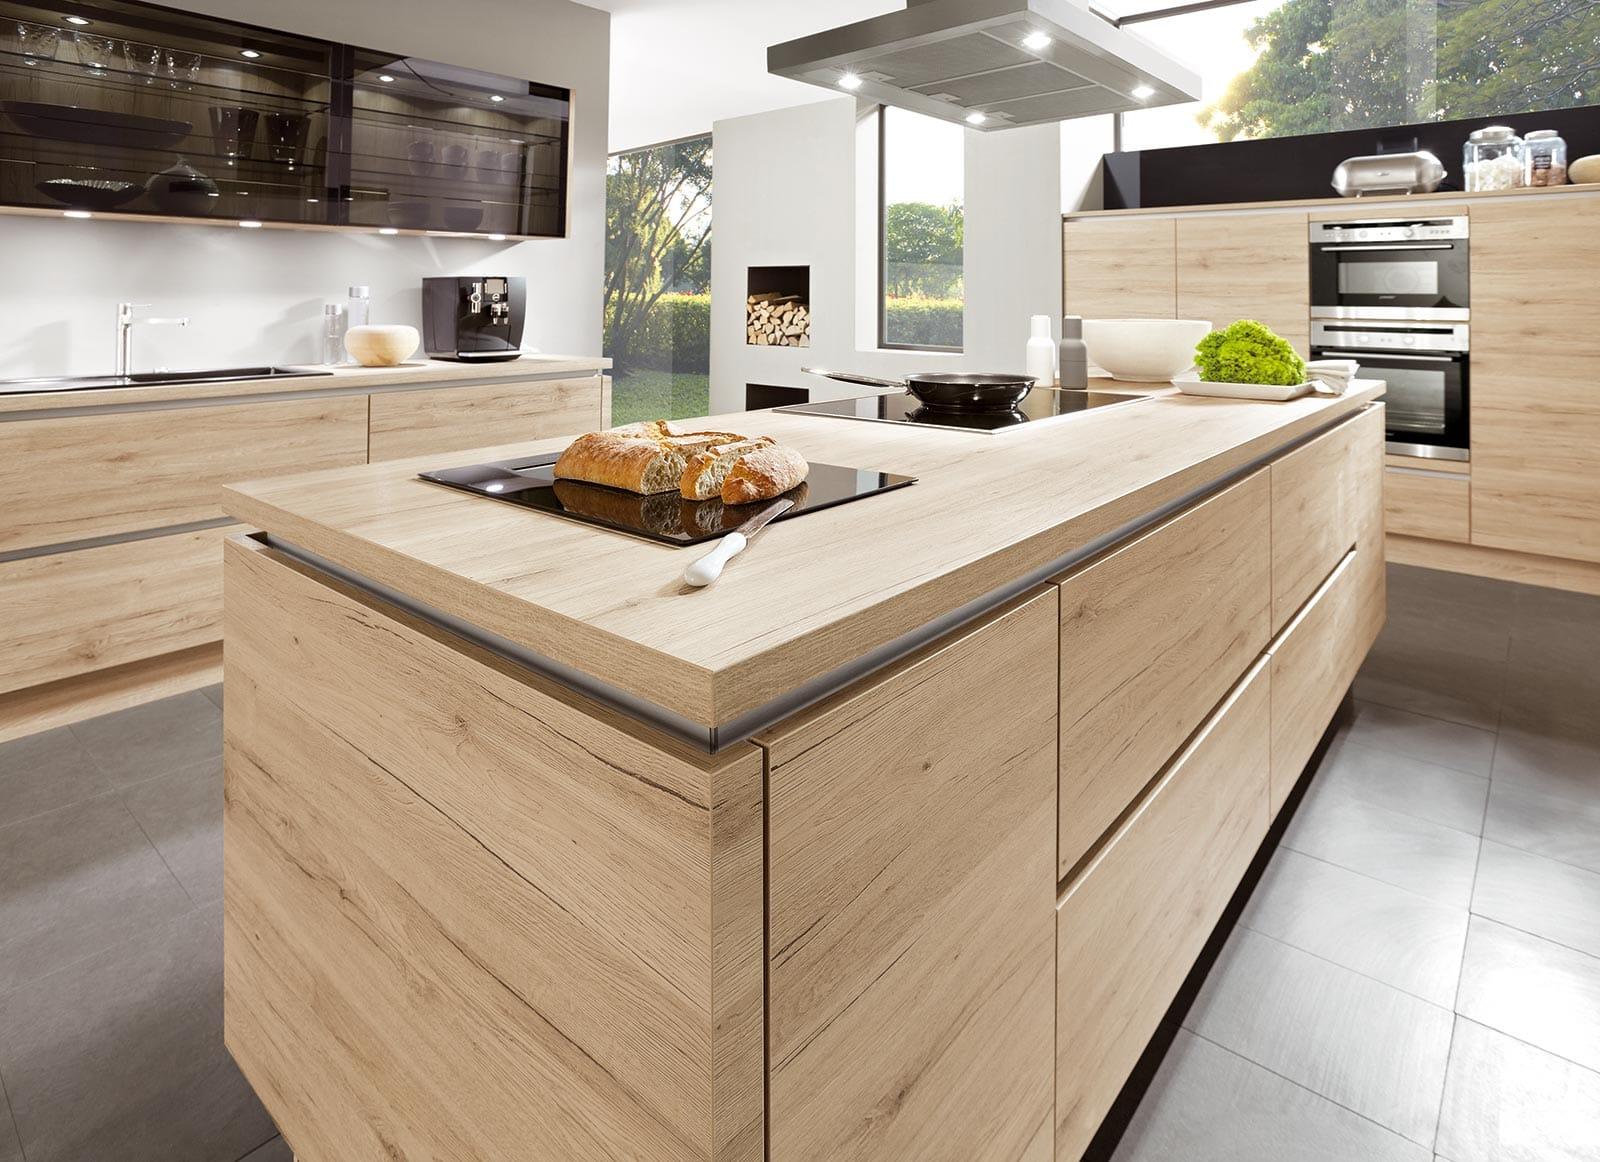 Full Size of Küche Eiche Hell Streichen Küche Eiche Hell Aufpeppen Küche Eiche Hell Welche Wandfarbe Küche Eiche Hell Rustikal Küche Küche Eiche Hell